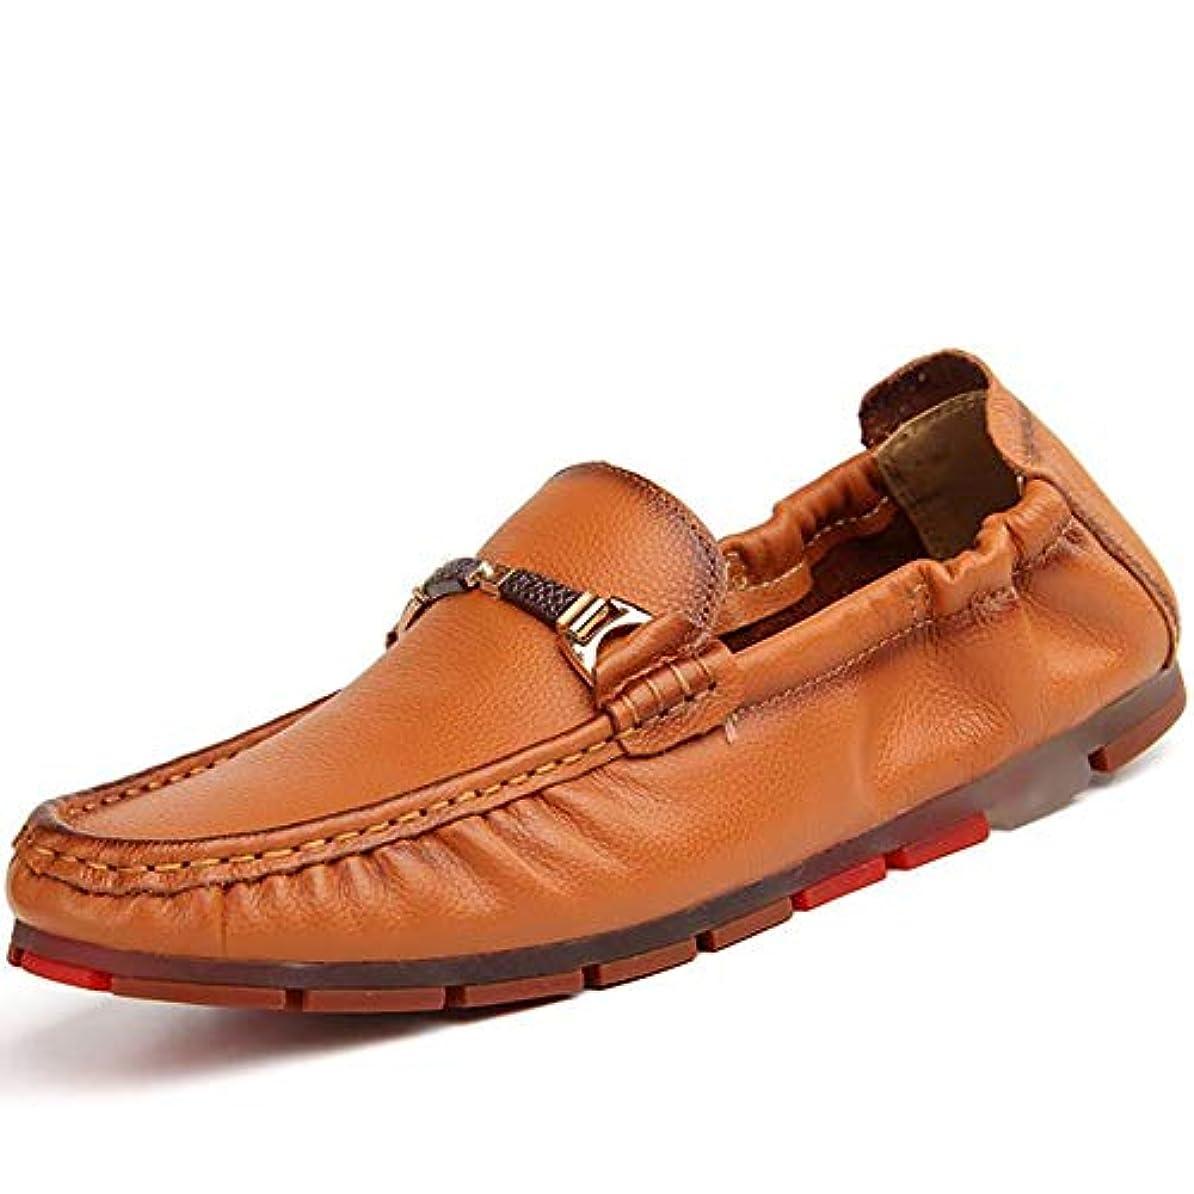 ハチトレース栄光の革の靴新しい男性の靴ライト浅口ビジネス靴エンドウ靴男性フォーマル,A,39